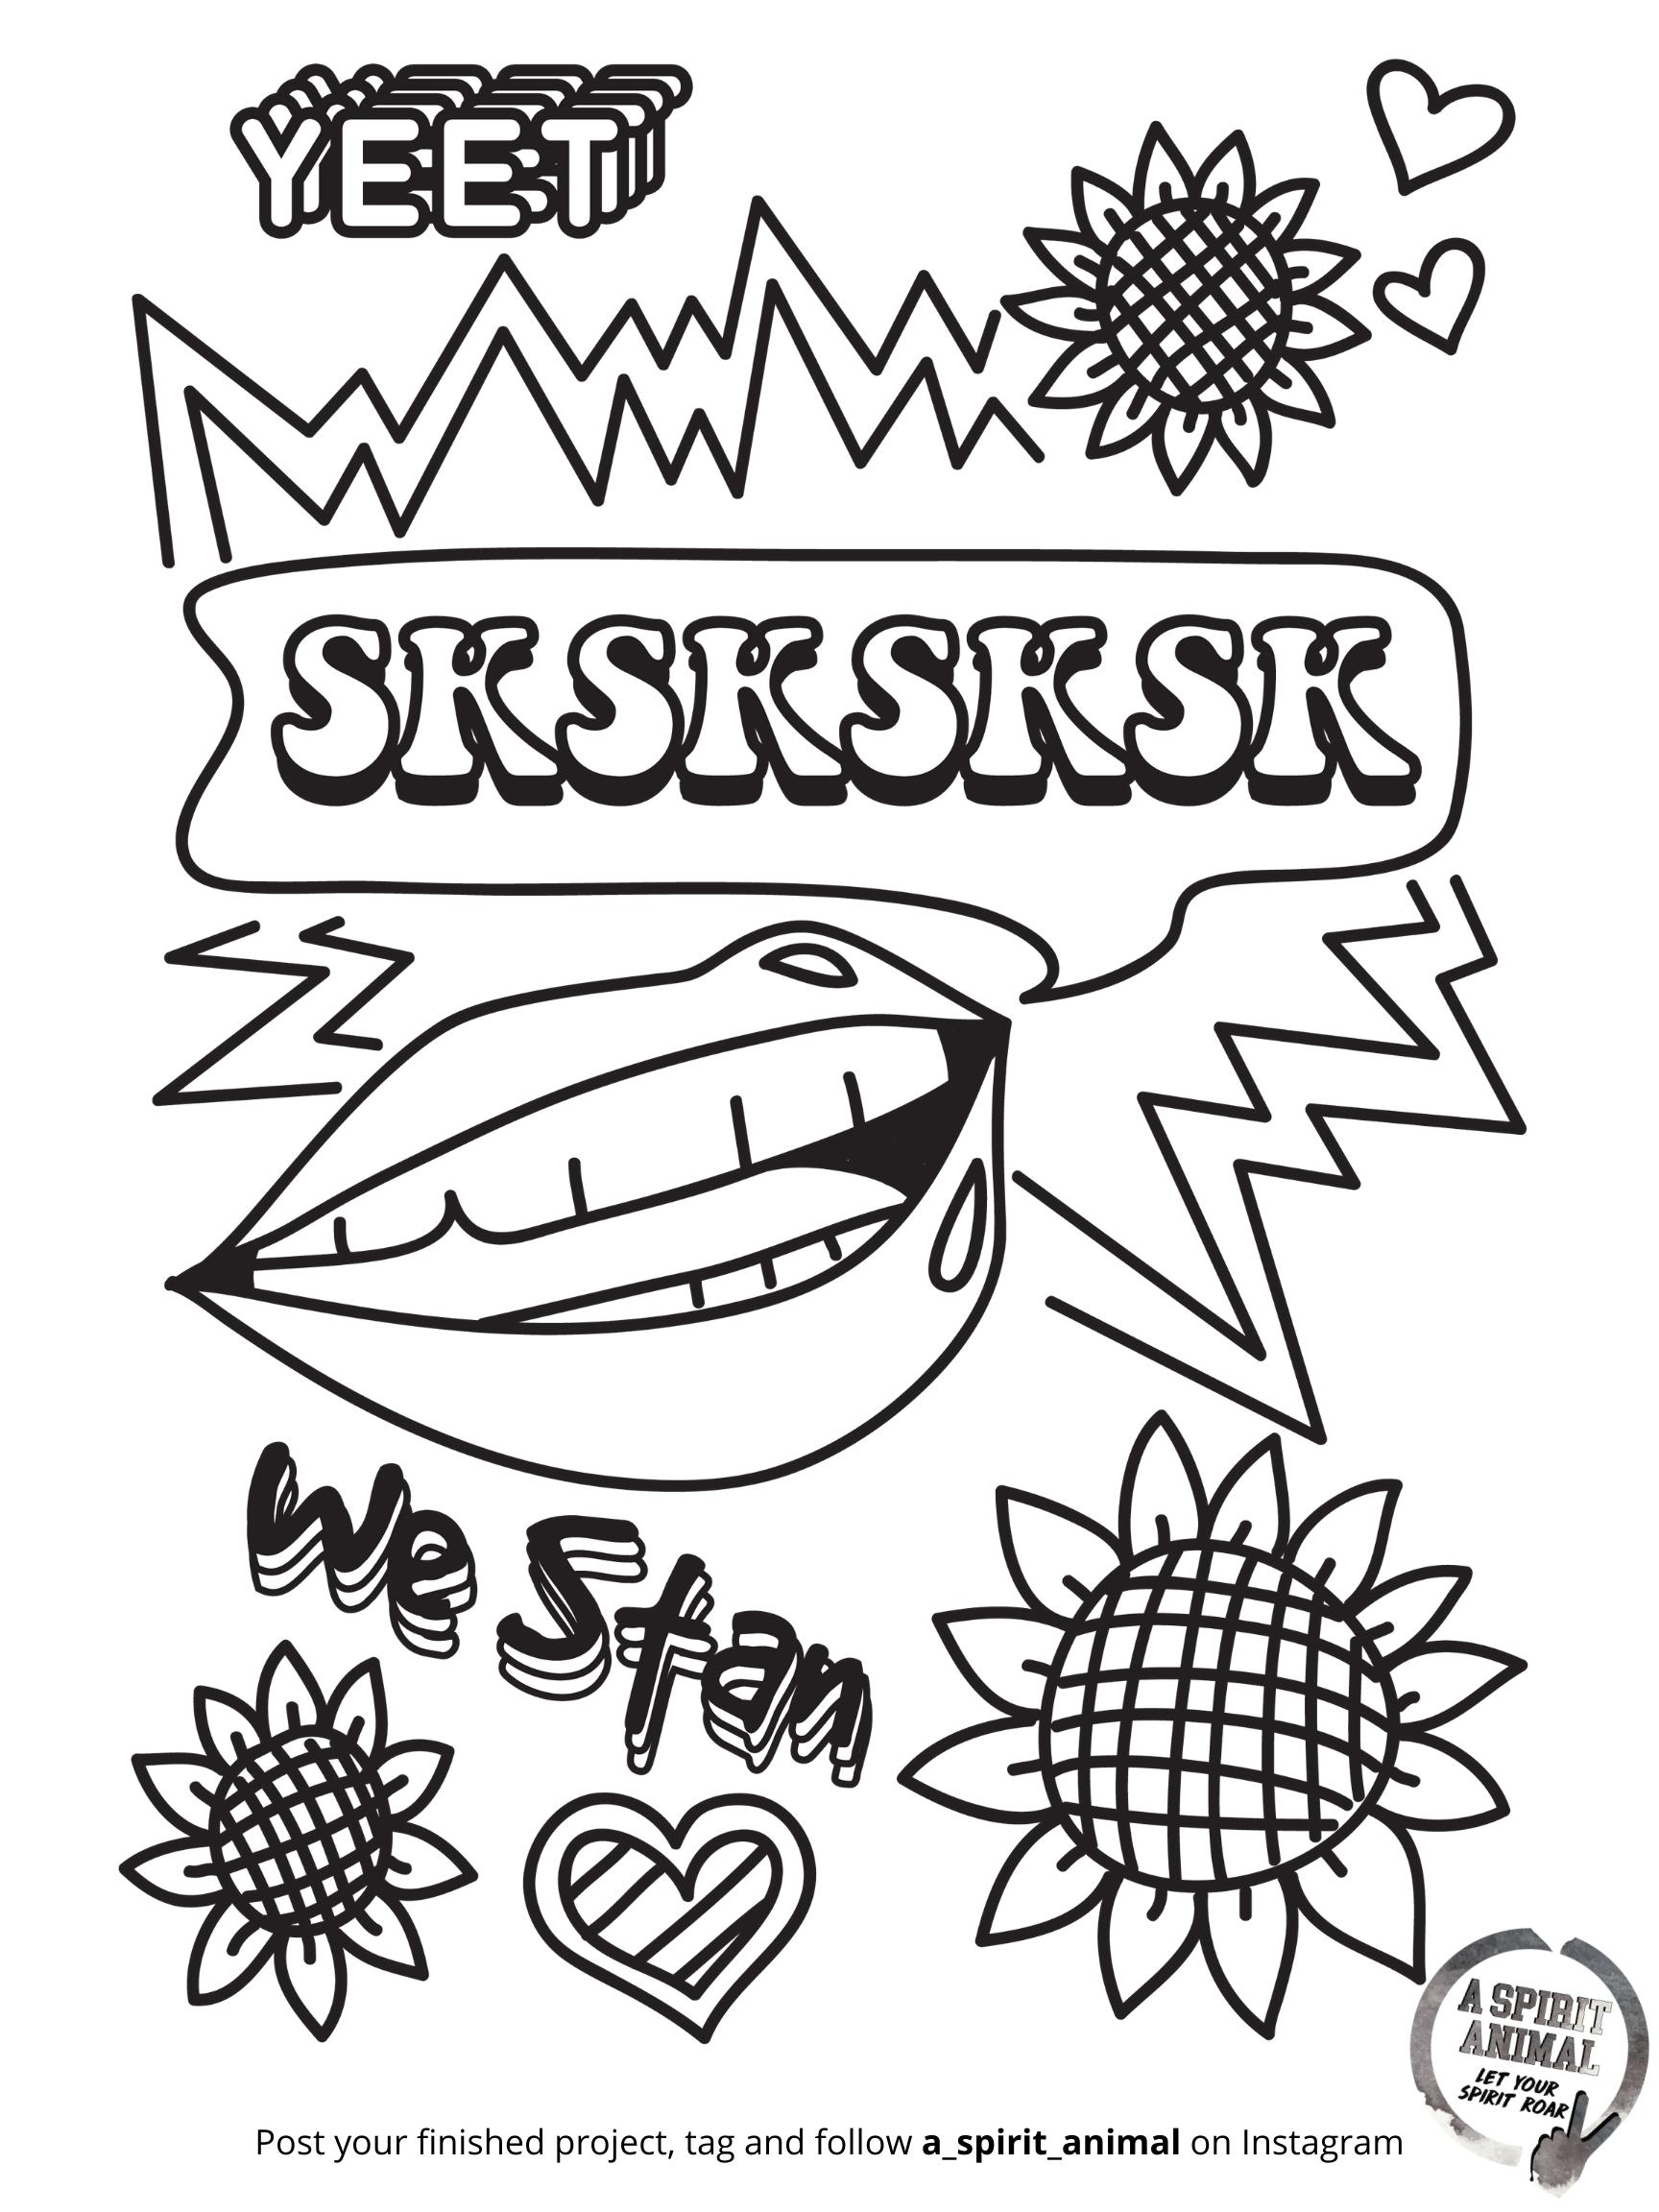 sksksksk lips yeet VSCO Girl A Spirit Animal Free Holiday Activity